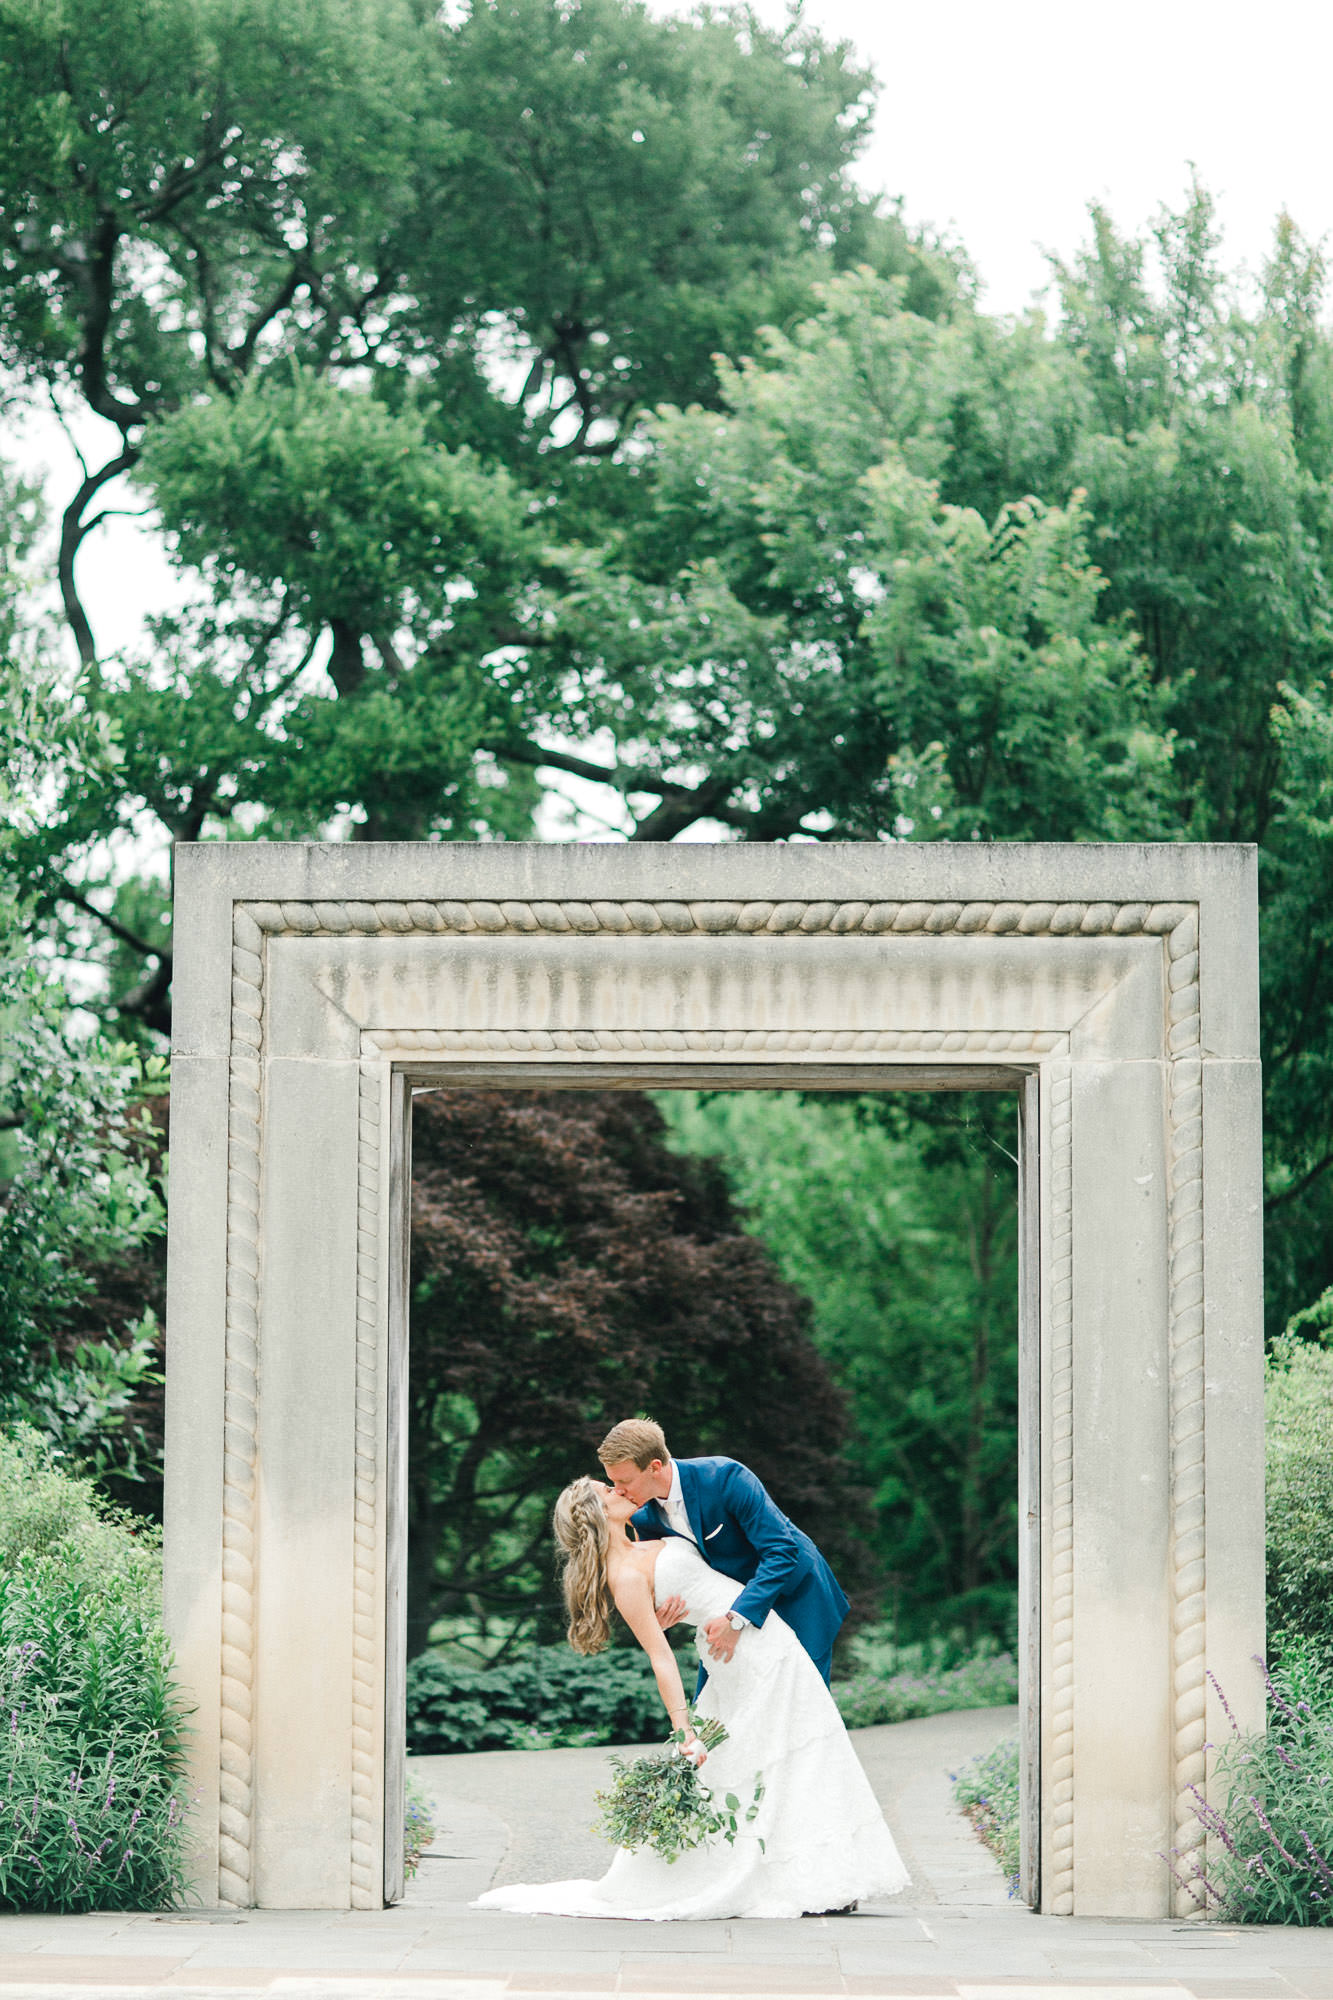 addie-michael-dallas-arboretum-weddings0054.jpg